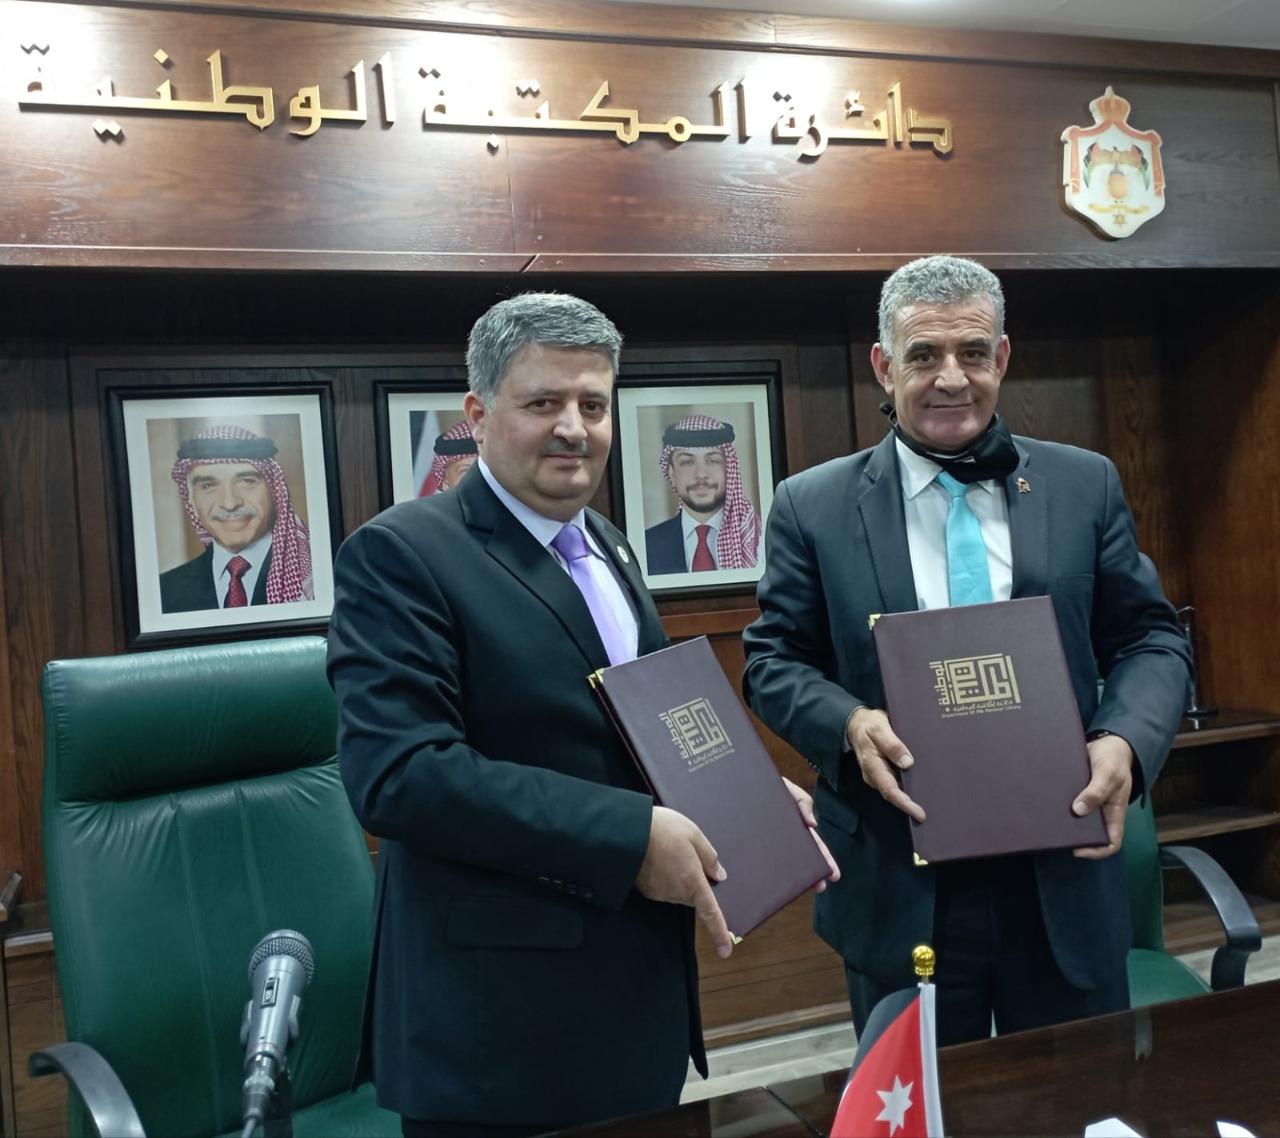 توقيع تعاون بين المكتبة الوطنية وجمعية عَون الثقافية